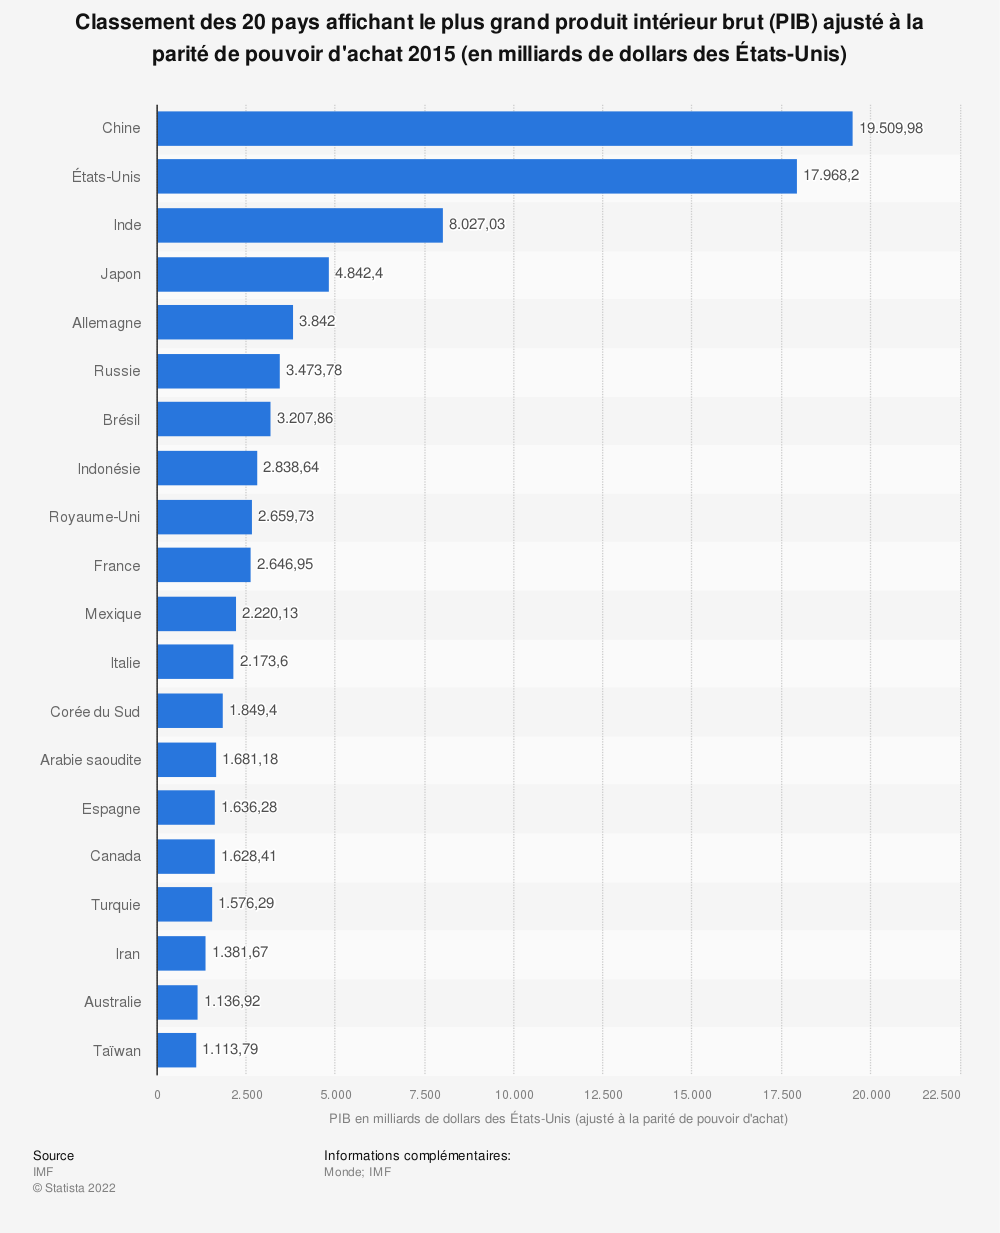 Statistique: Classement des 20 pays affichant le plus grand produit intérieur brut (PIB) ajusté à la parité de pouvoir d'achat 2015 (en milliards de dollars des États-Unis) | Statista